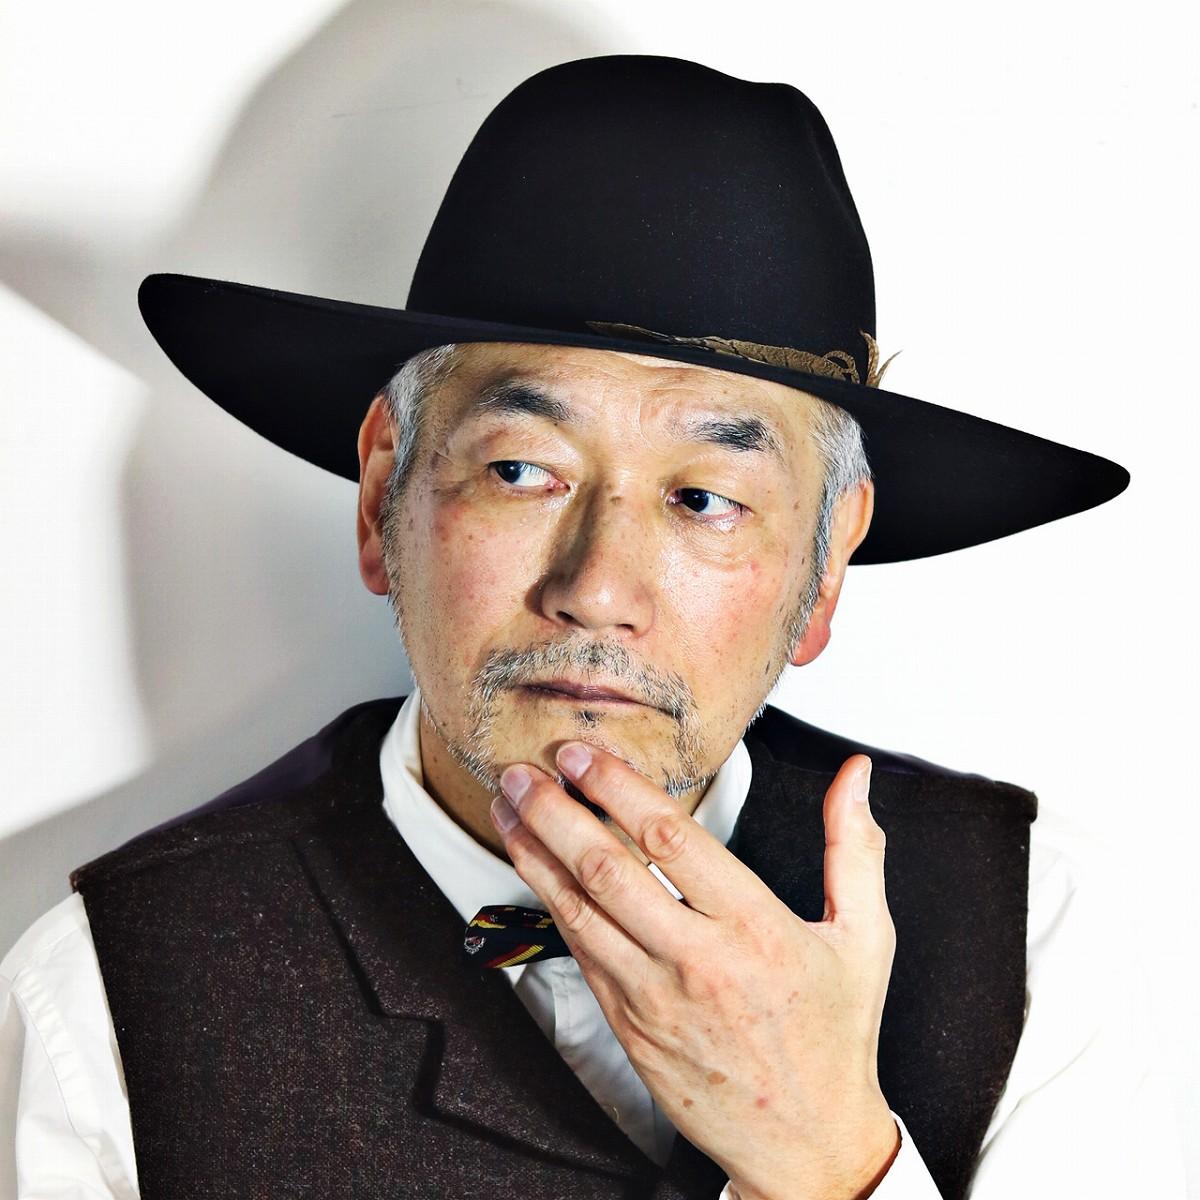 ステットソン ハット ウエスタンハット STETSON 帽子 メンズ 日本製 フェルト カウボーイハット フェザー フラットバイザー つば広 フェルトハット 秋冬 フェルト帽 紳士 57cm 59cm 黒 ブラック [ cowboy hat ] [ felt hat ] [ wide-brim hat ] stetson 帽子通販